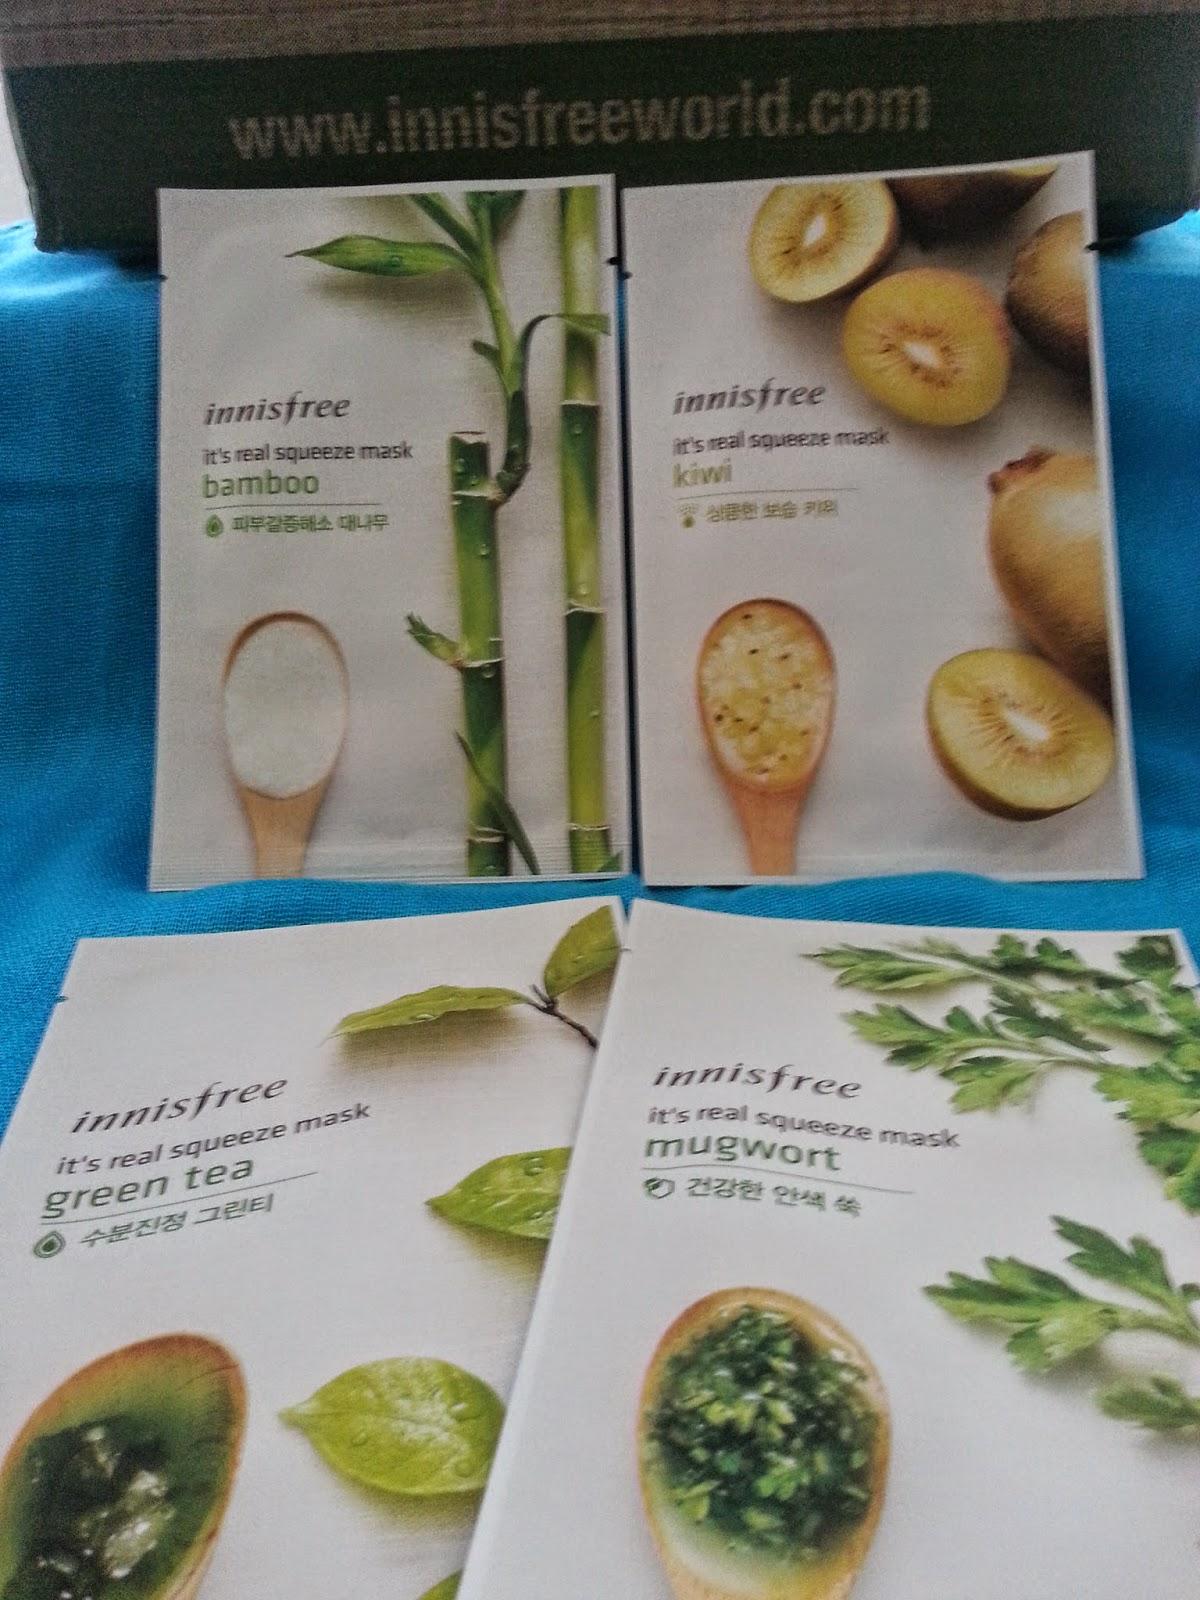 green tea, bamboo, kiwi, mugwort sheet masks